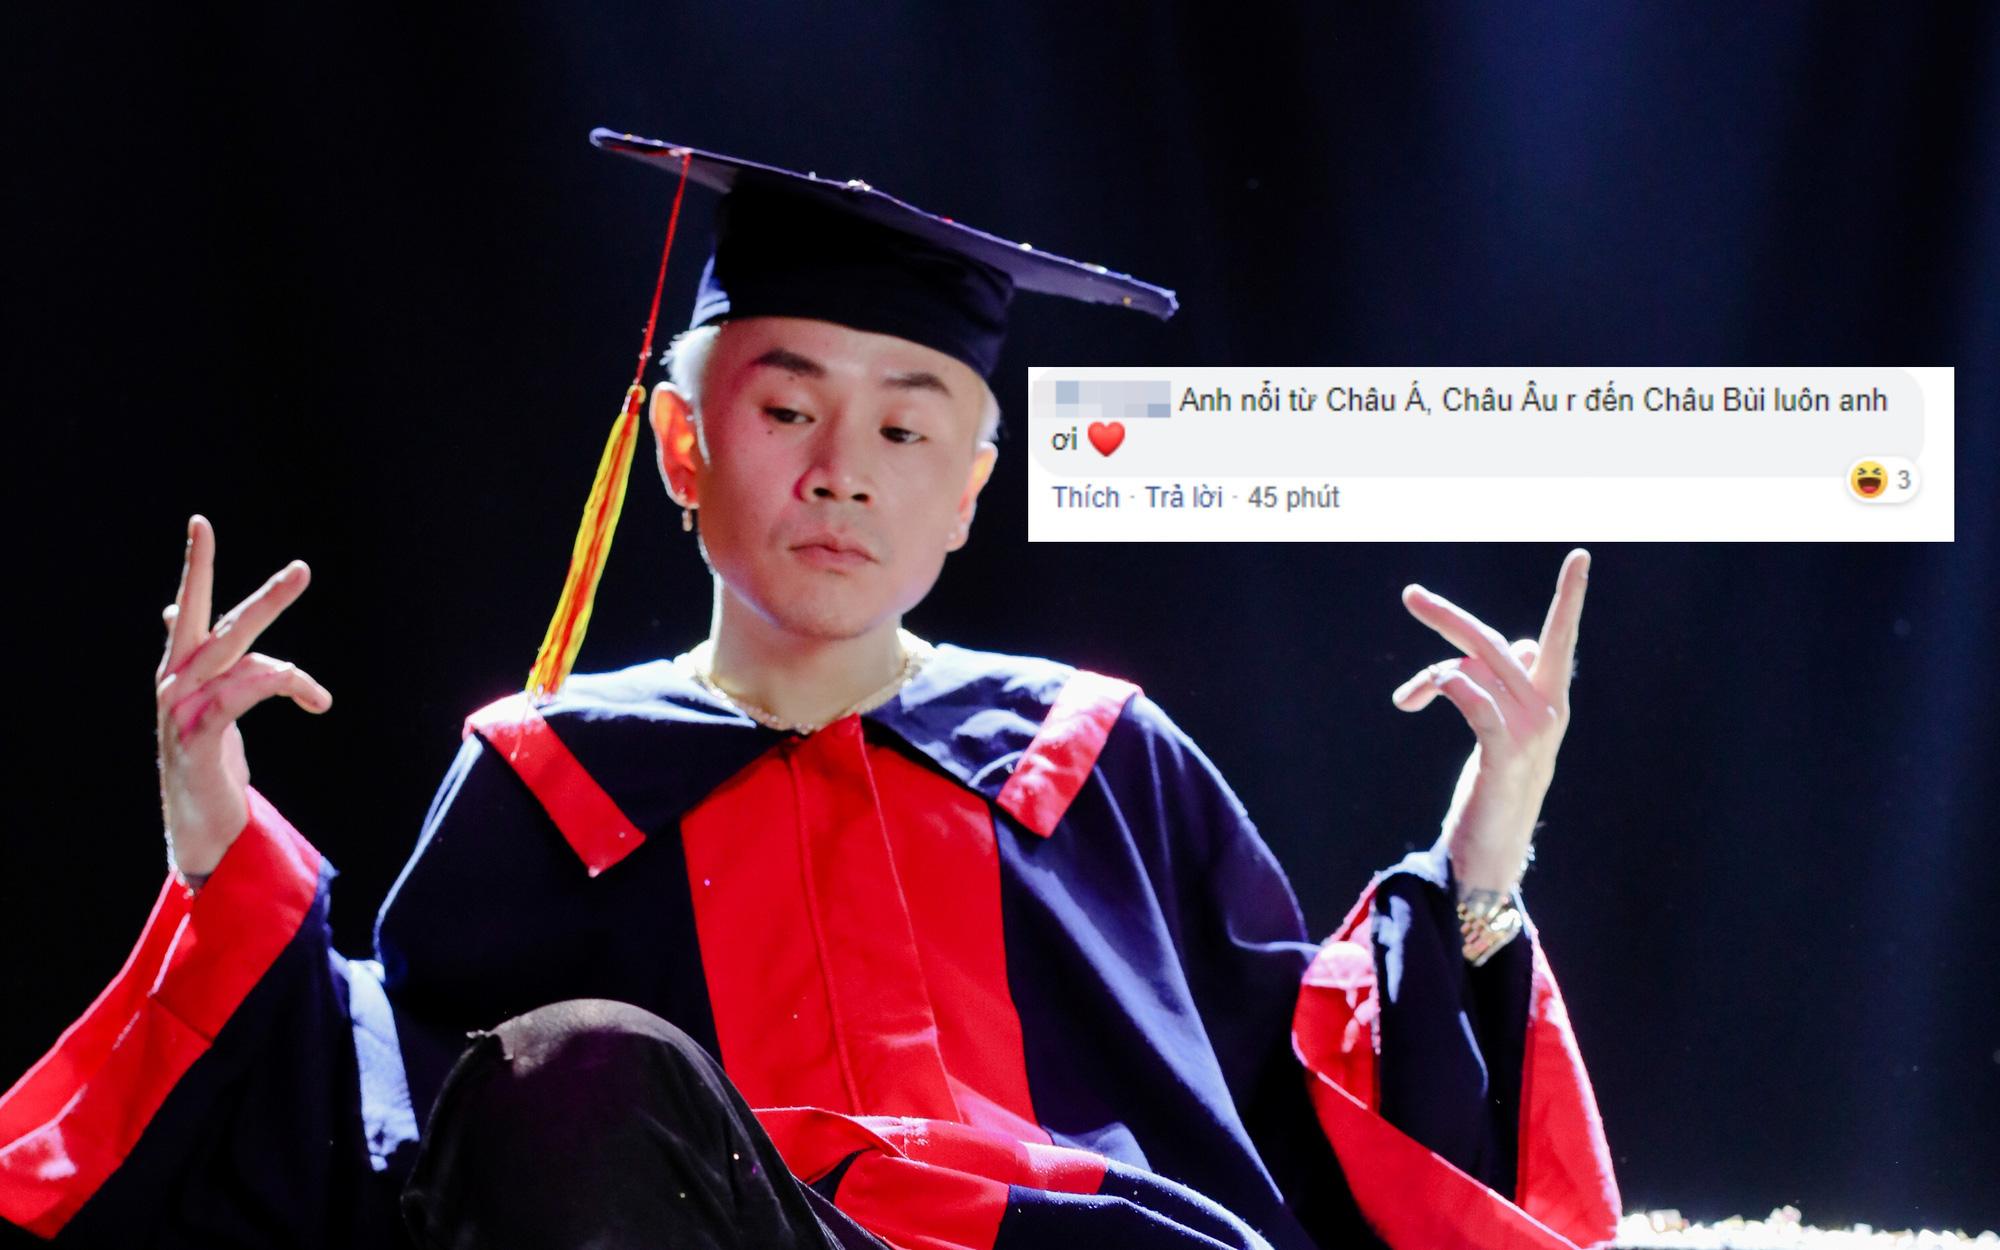 """Fan tràn vào trêu """"chú Binz và cô Châu Bùi"""" sau tin hẹn hò: """"Nổi từ Châu Á, Châu Âu rồi sang cả Châu Bùi luôn rồi chú ơi!"""""""